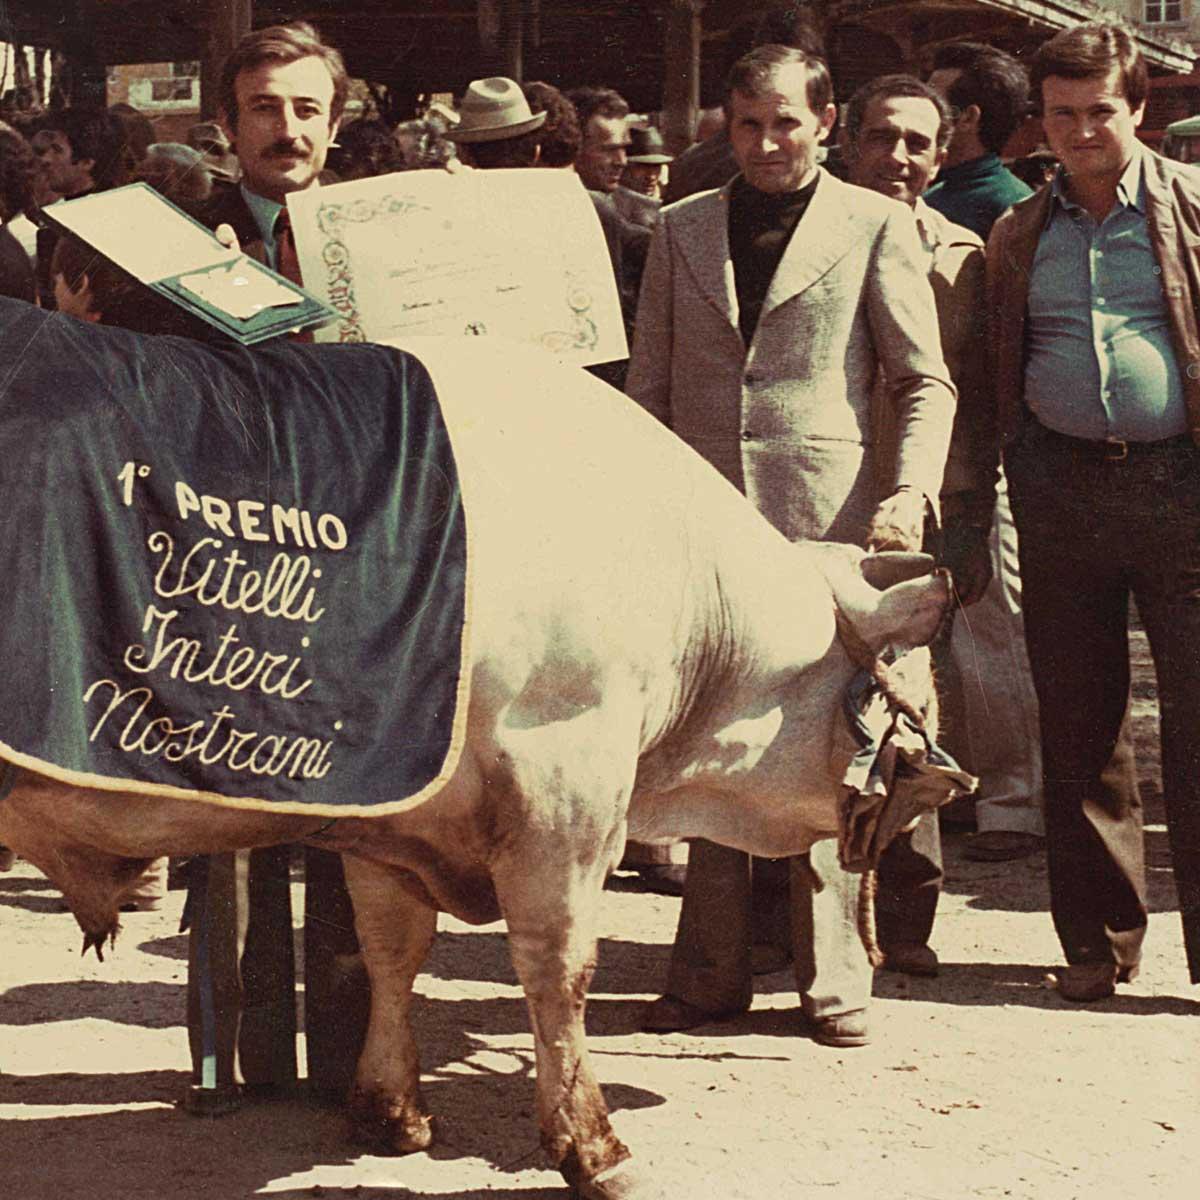 Leone Carni - Anni '70, Mario Leone premiato con il Primo Premio